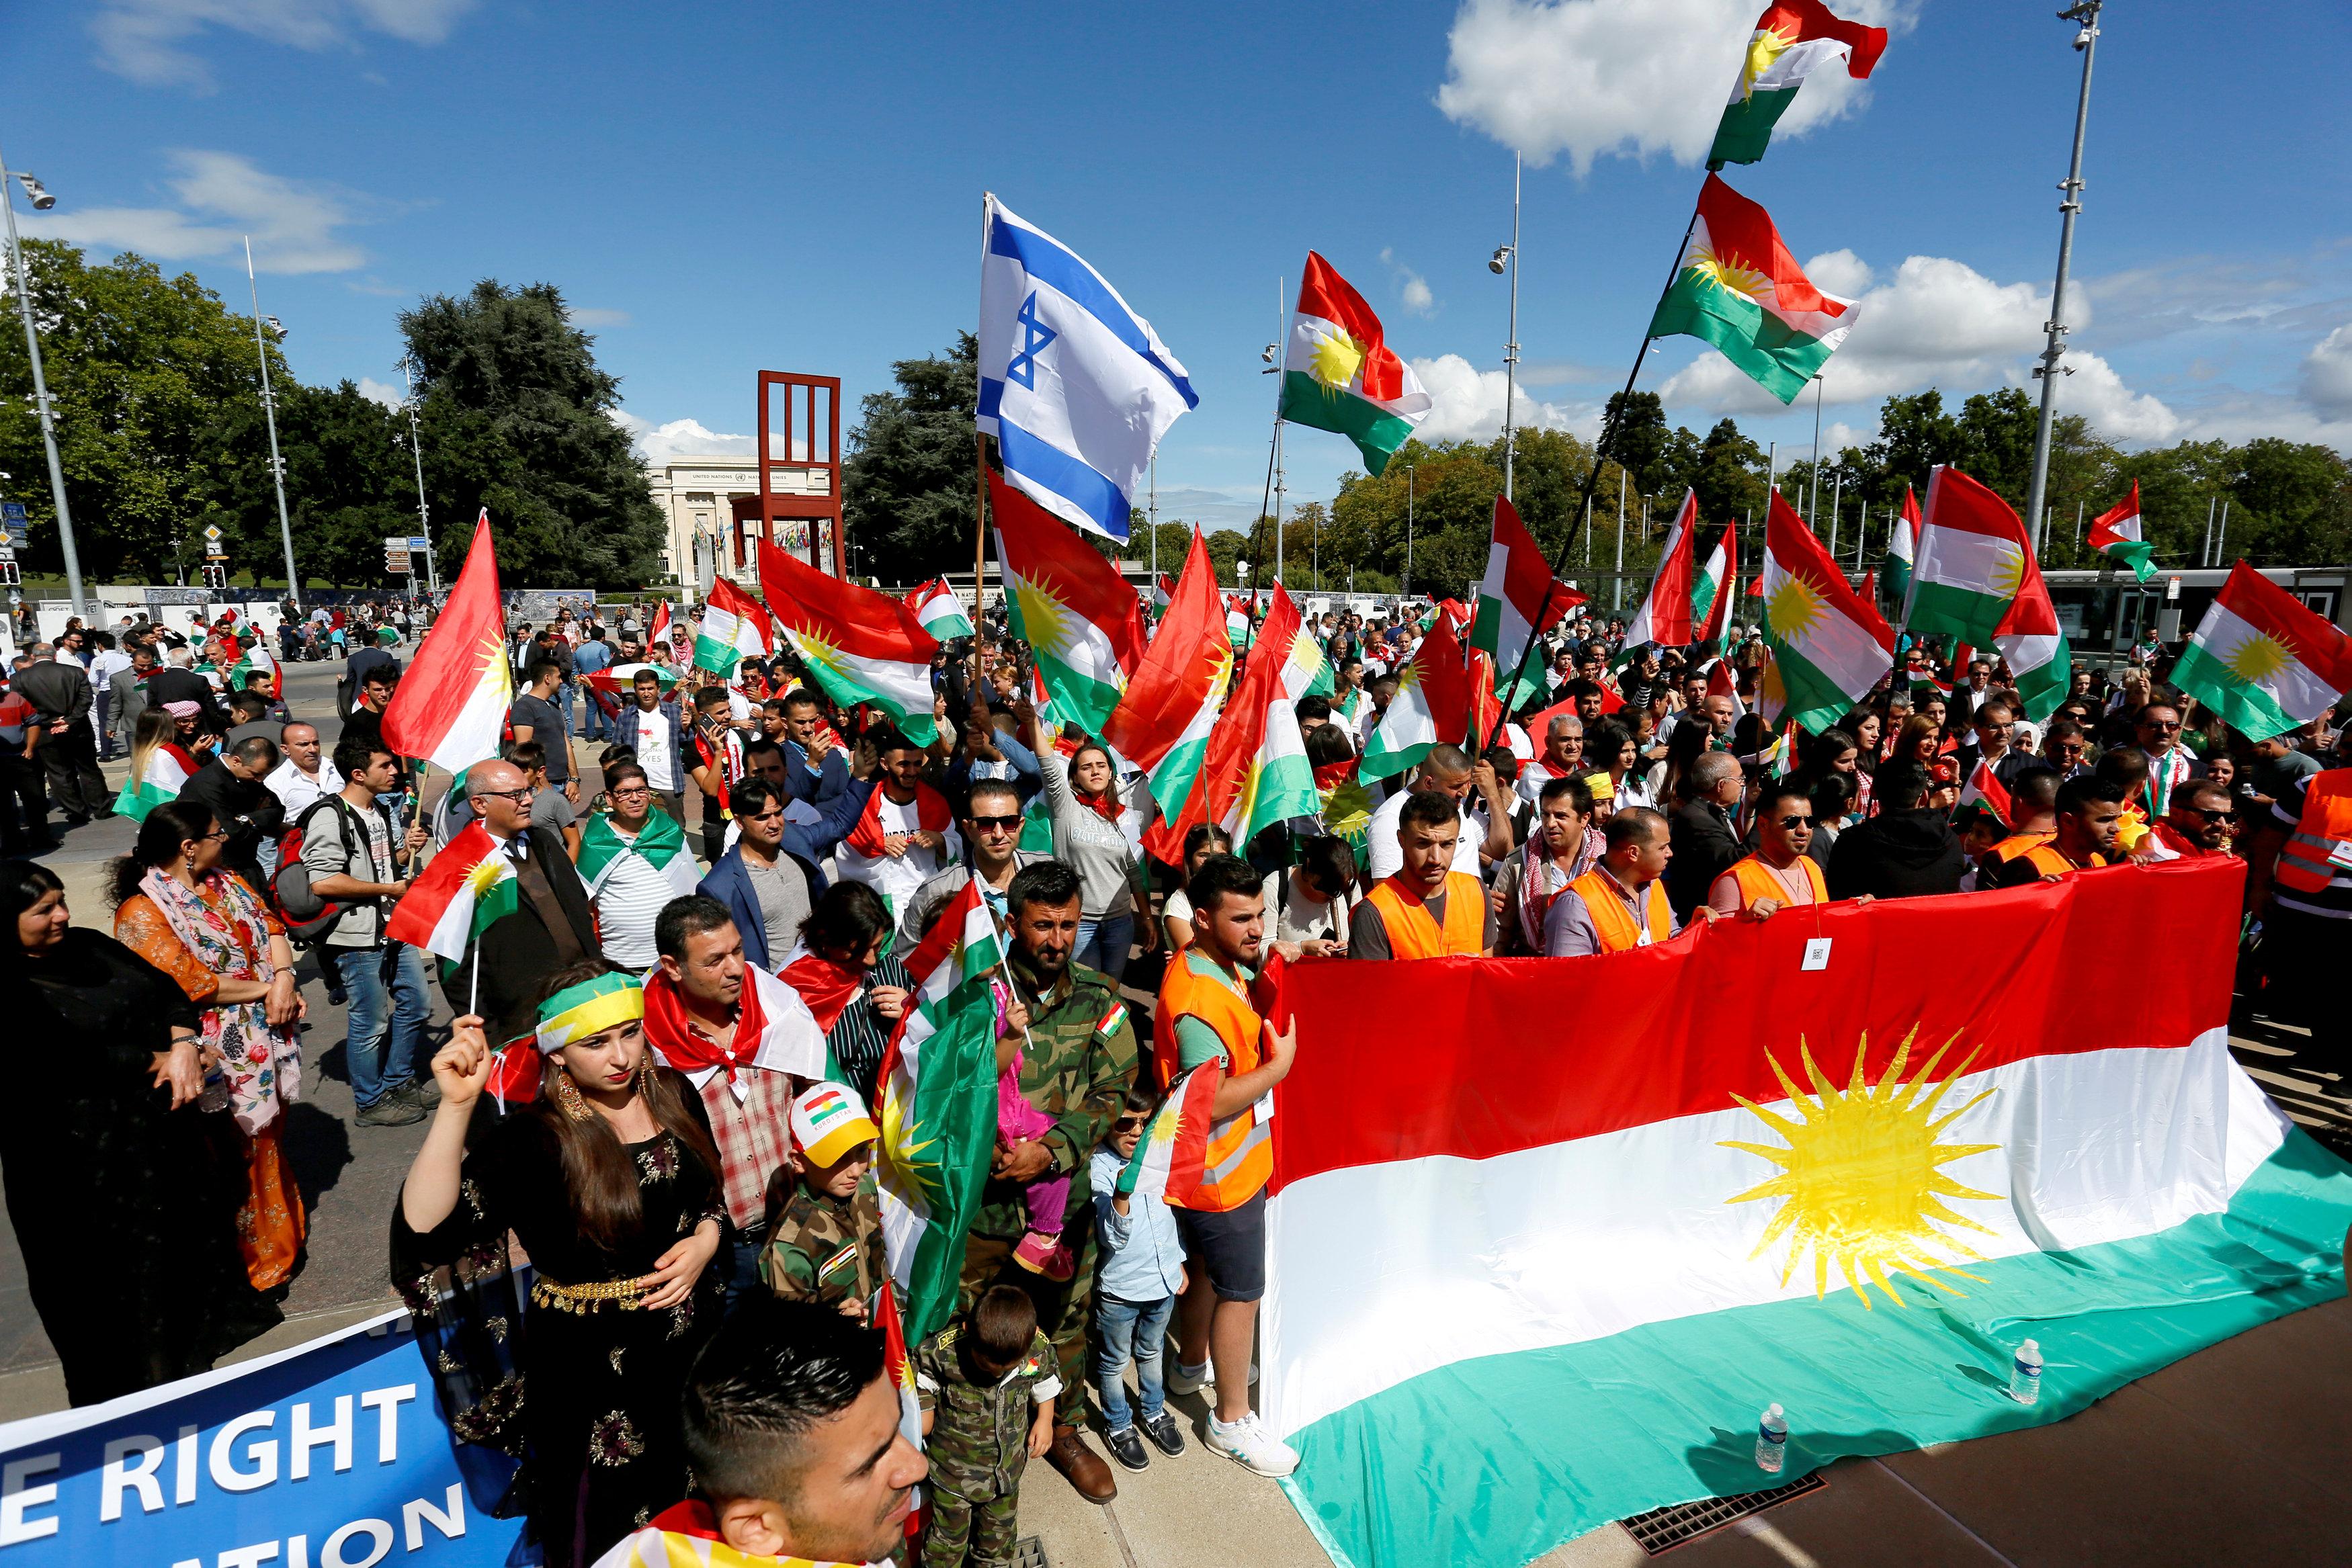 أعلام إسرائيل وكردستان